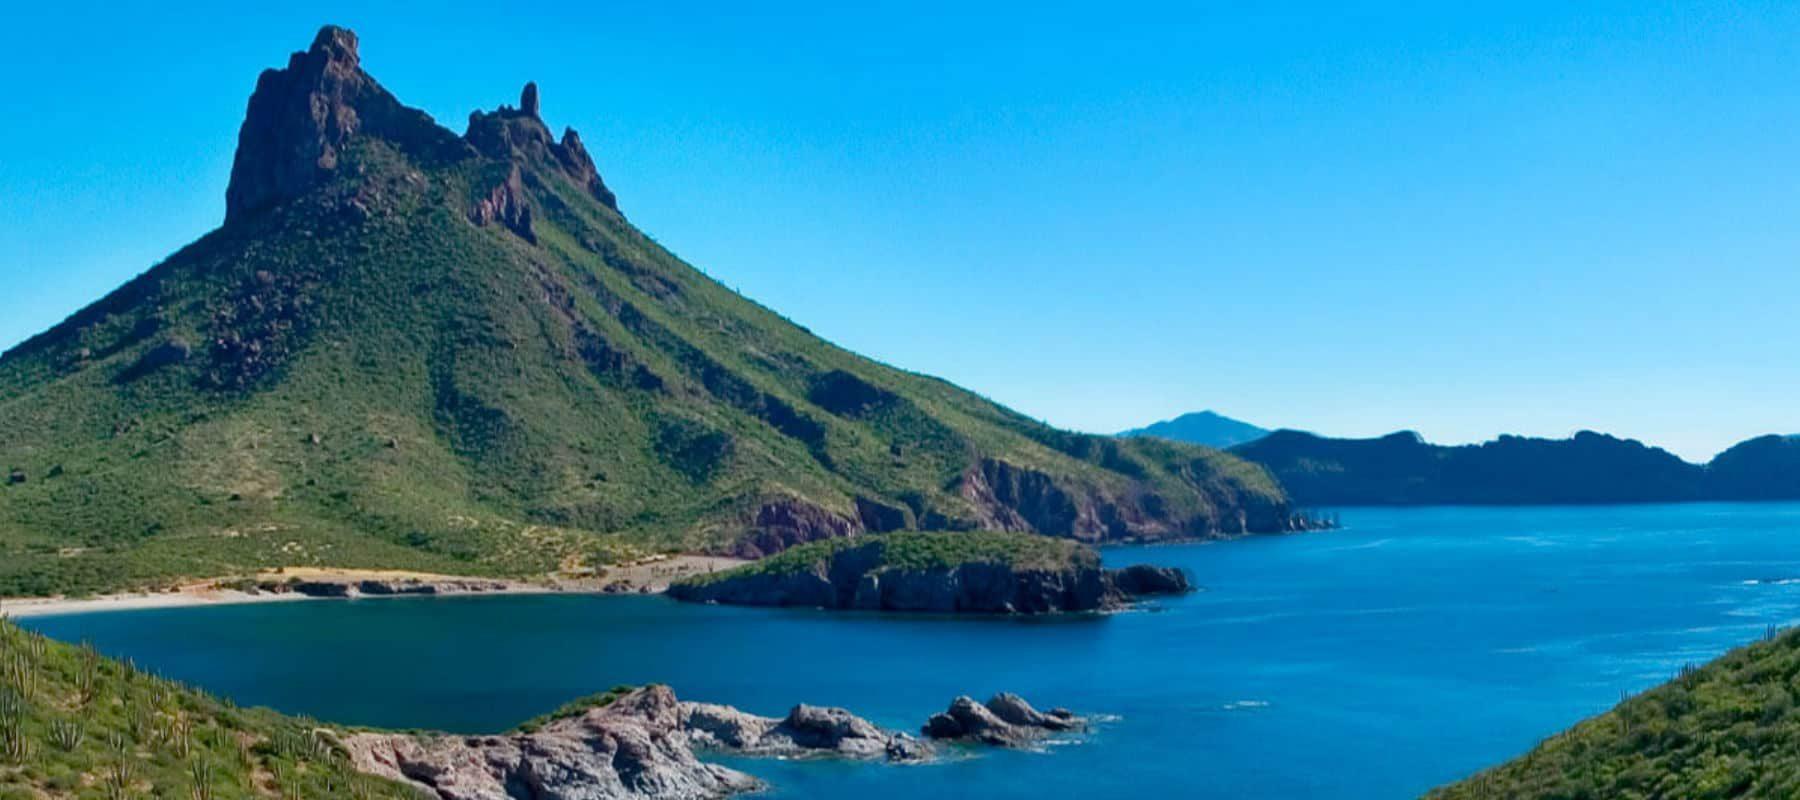 Turismo En Sonora Travel Guide